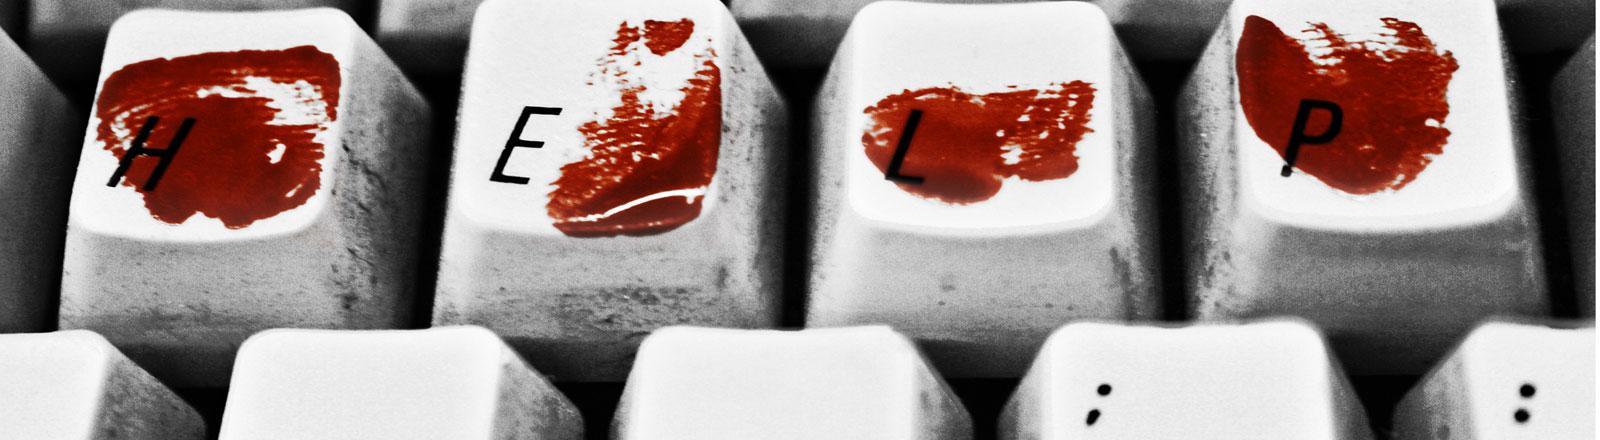 Tastatur mit Blutflecken auf den Tasten H, E, L und P